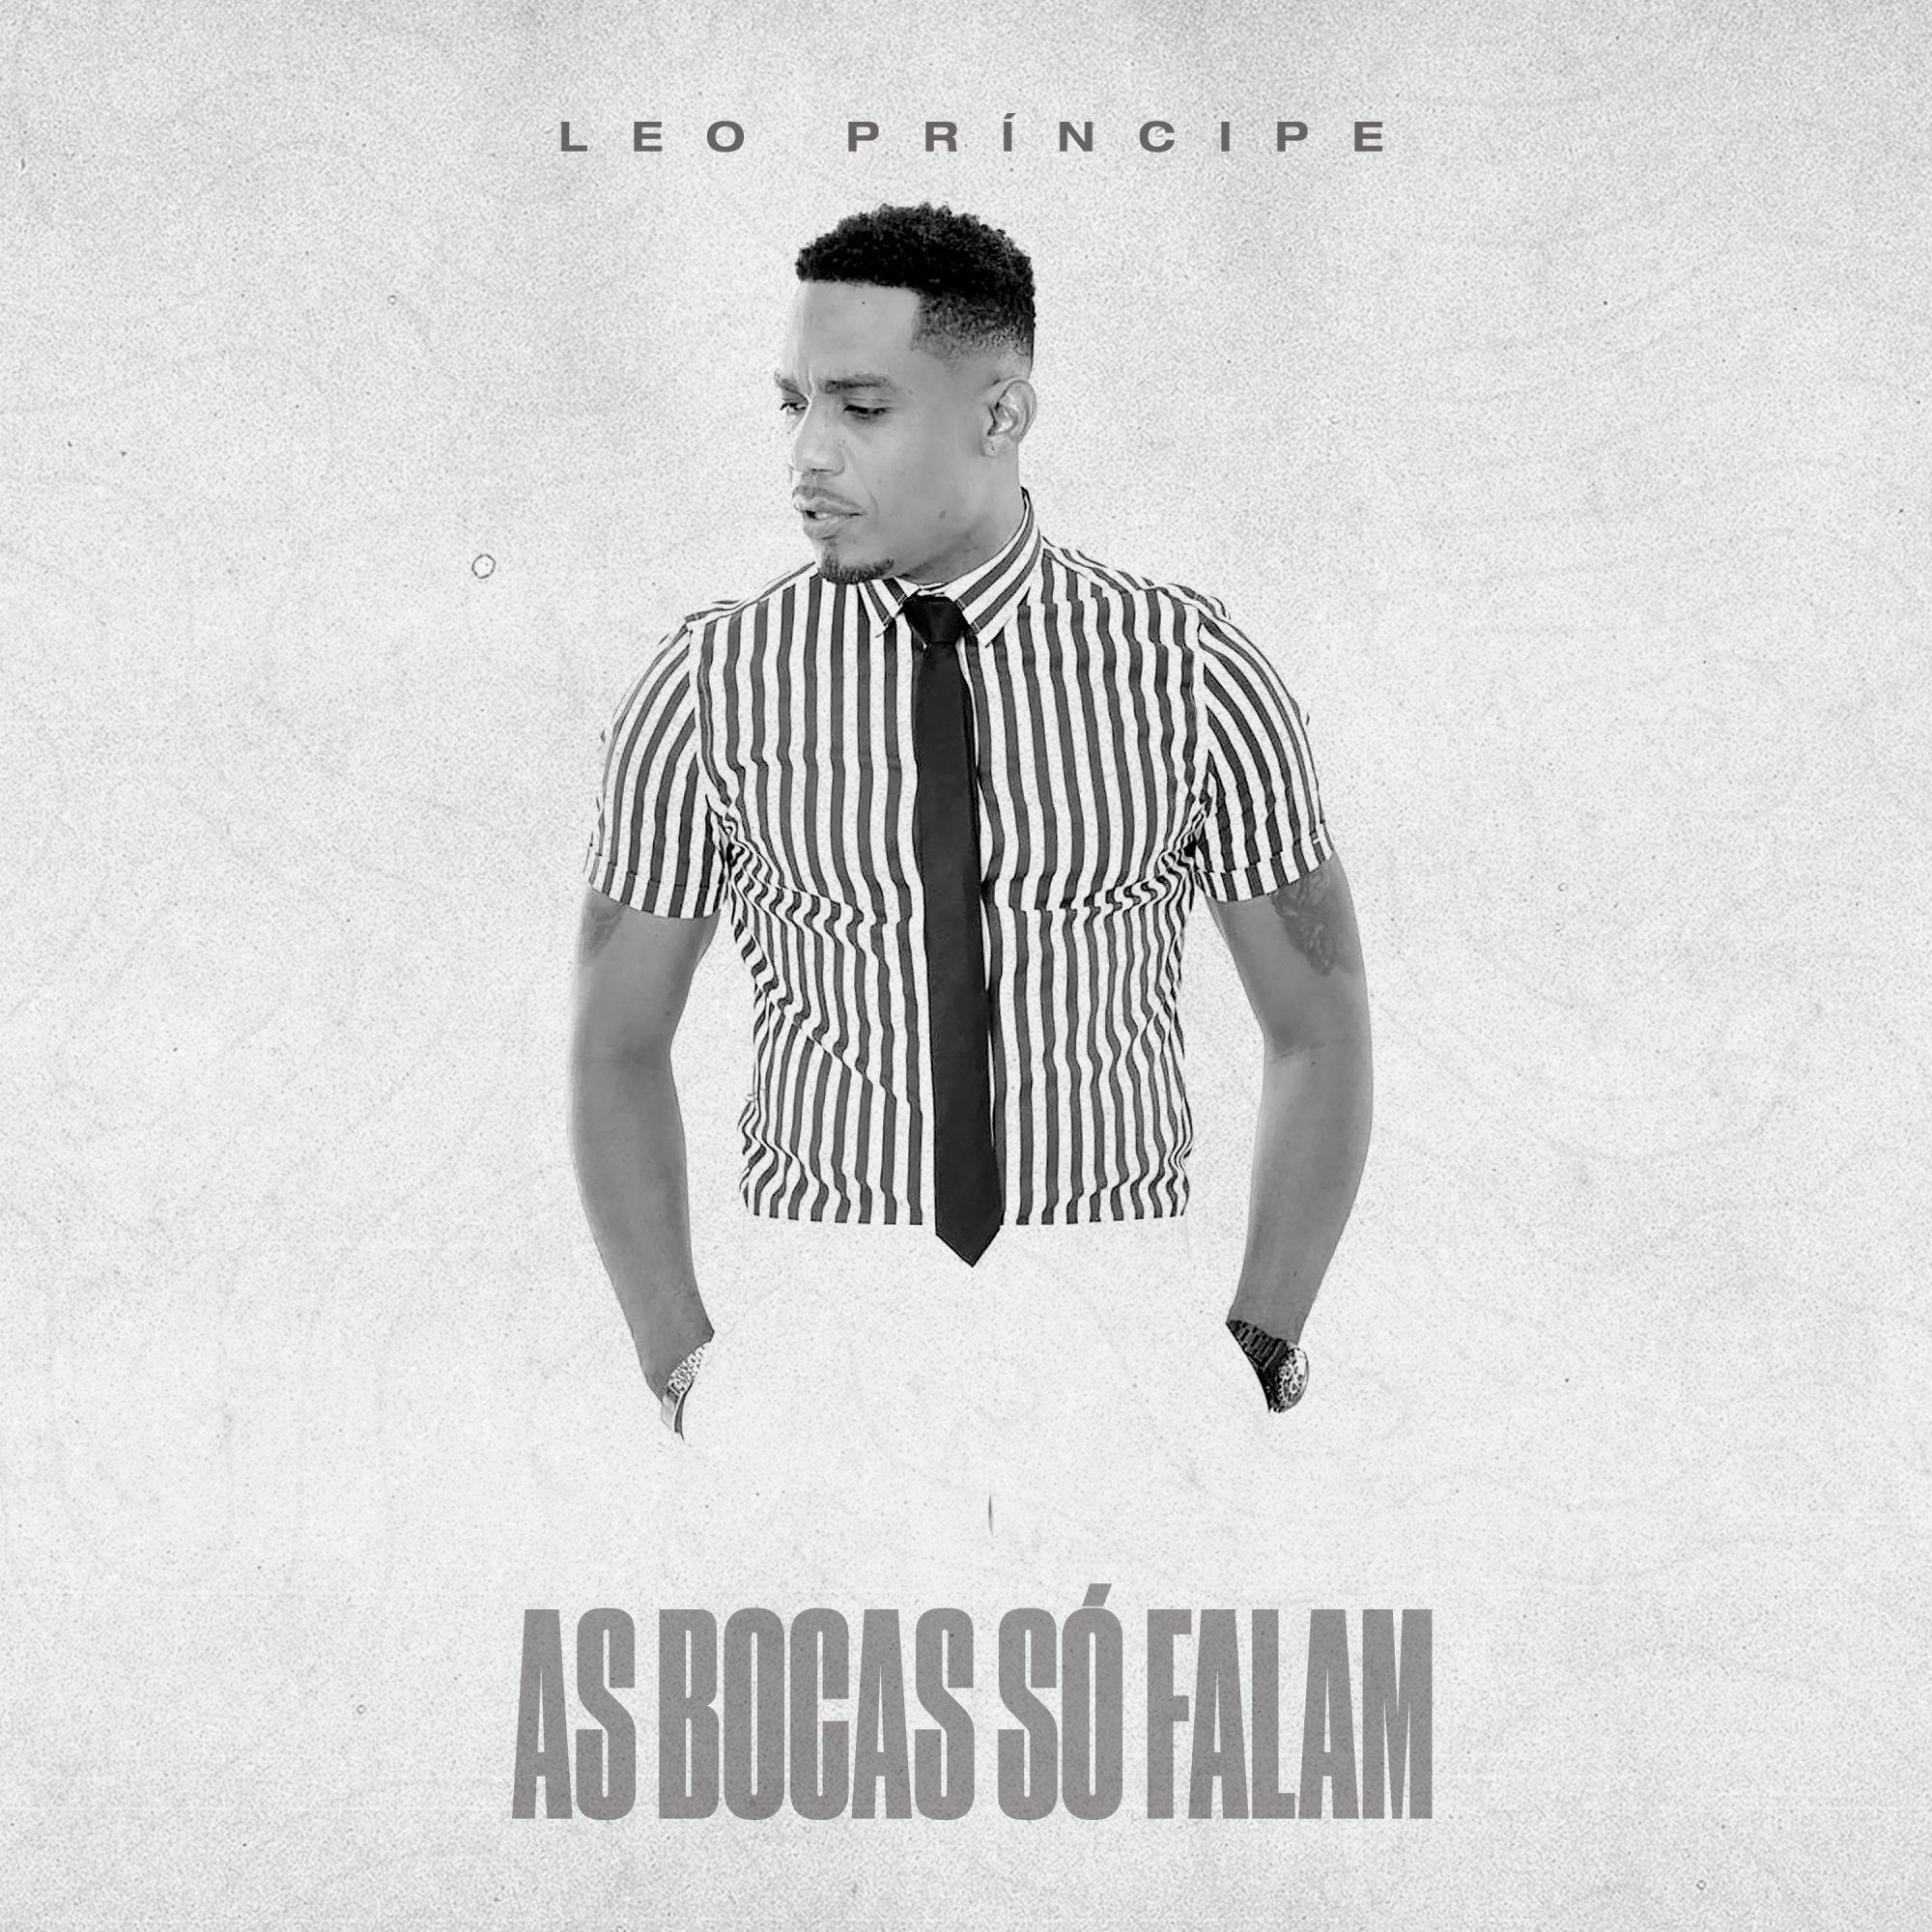 Novo single do Leo Príncipe já está disponível nas plataformas de streaming e YouTube